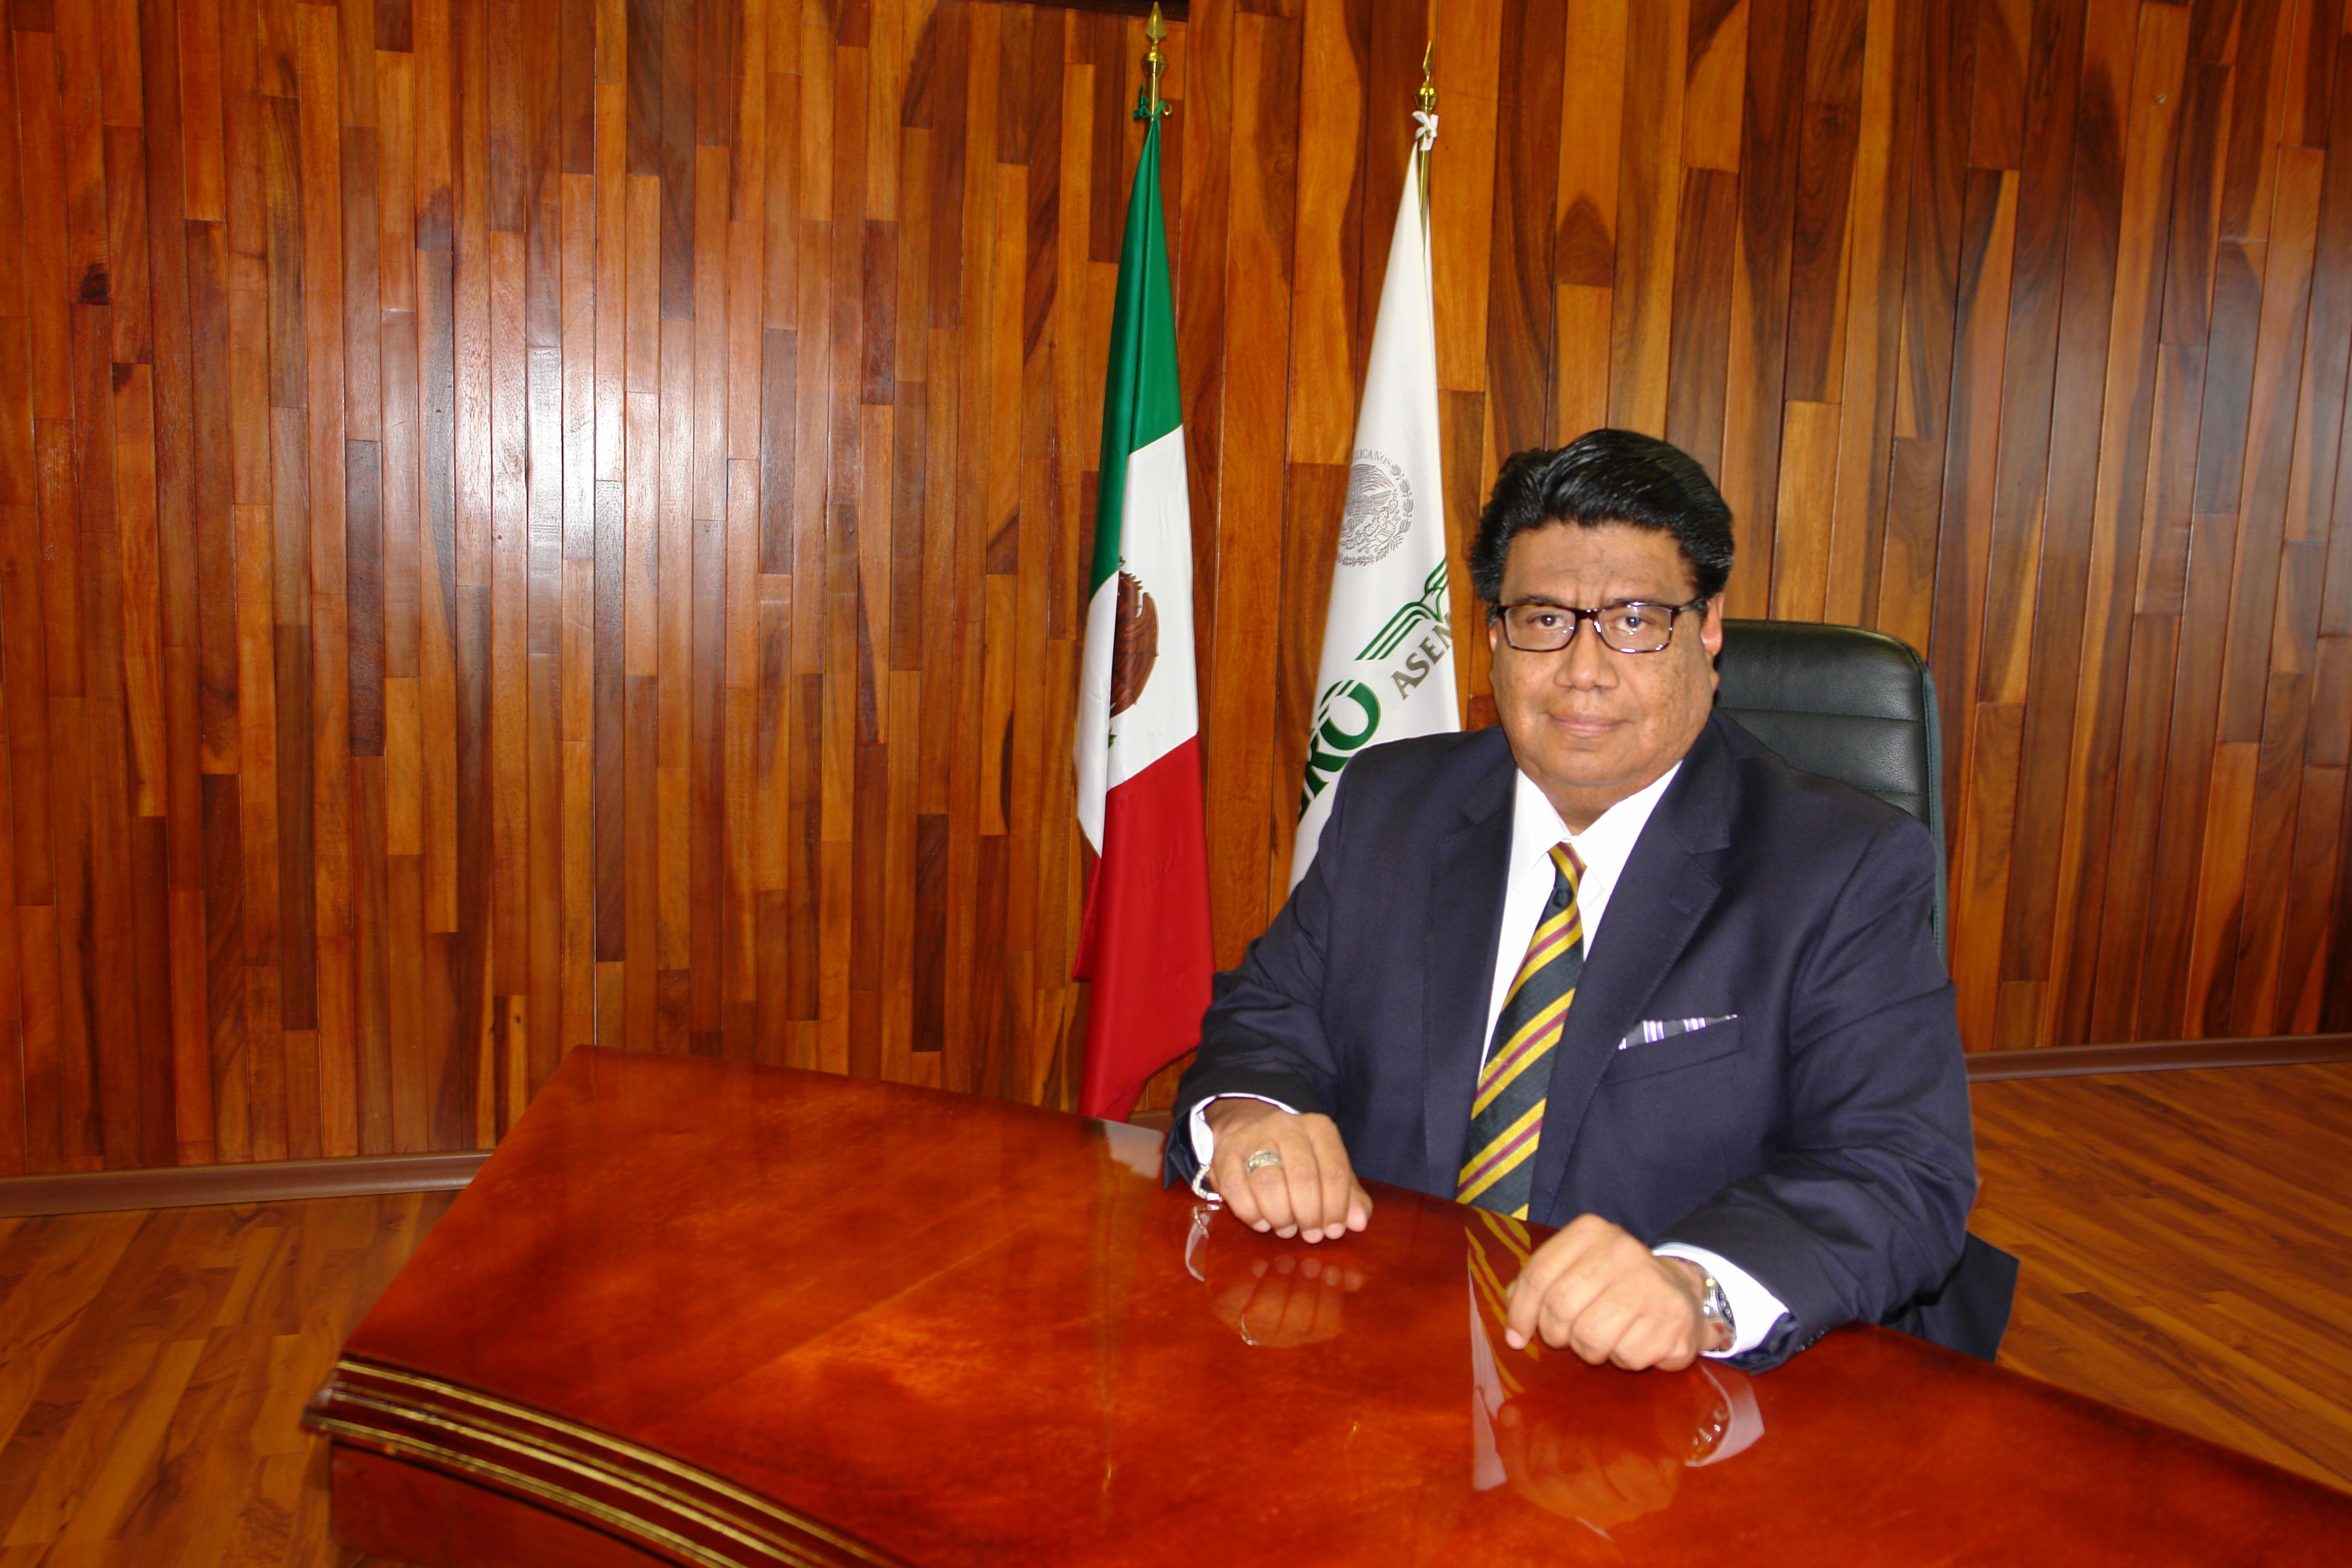 Lic. Jesús Bañuelos Zempoalteca Director General Adjunto de Administración y Finanzas.